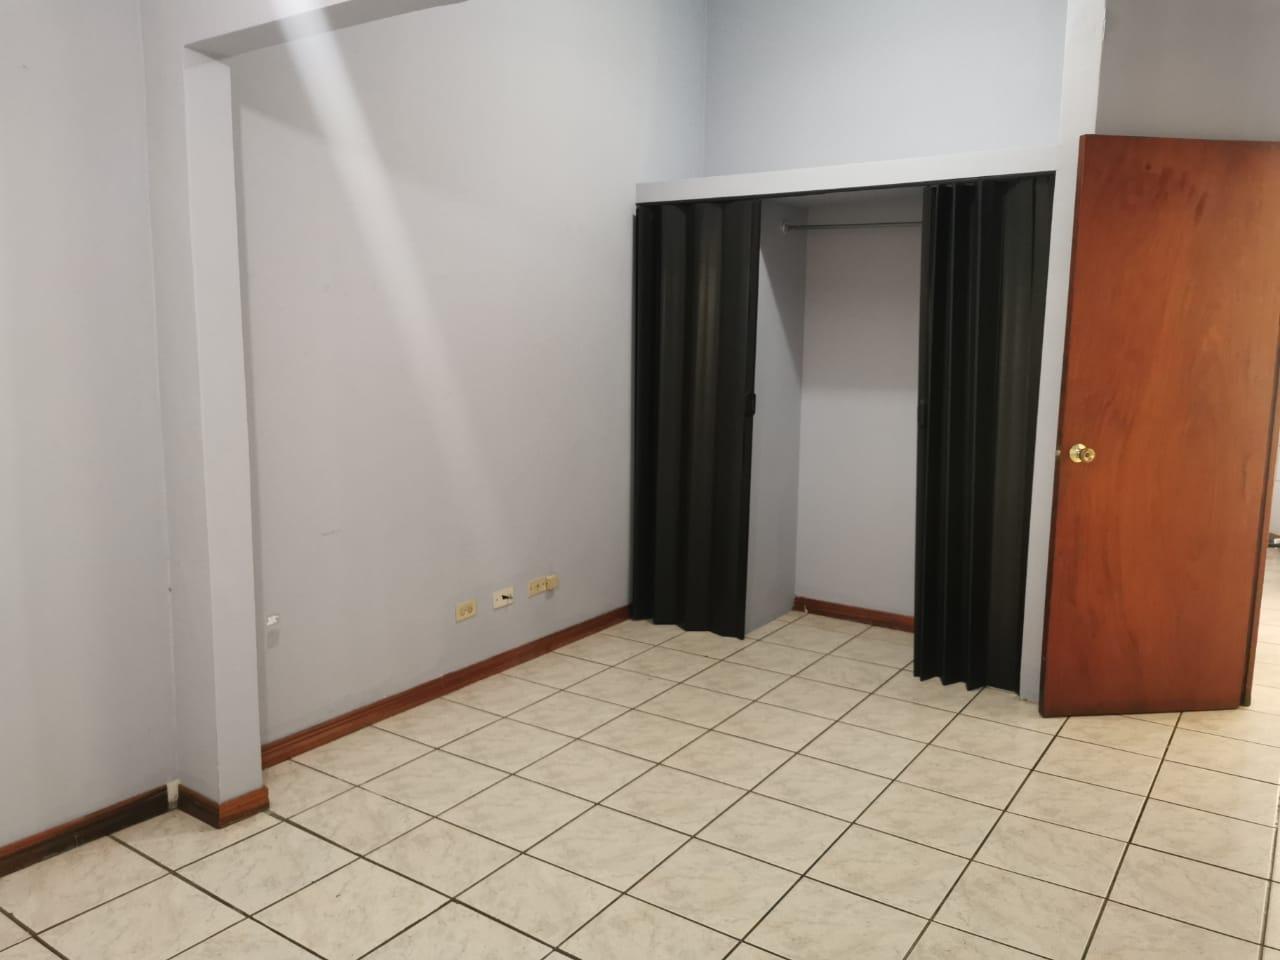 2535 Se alquila apartamento en Rohrmoser. Final del boulevard.